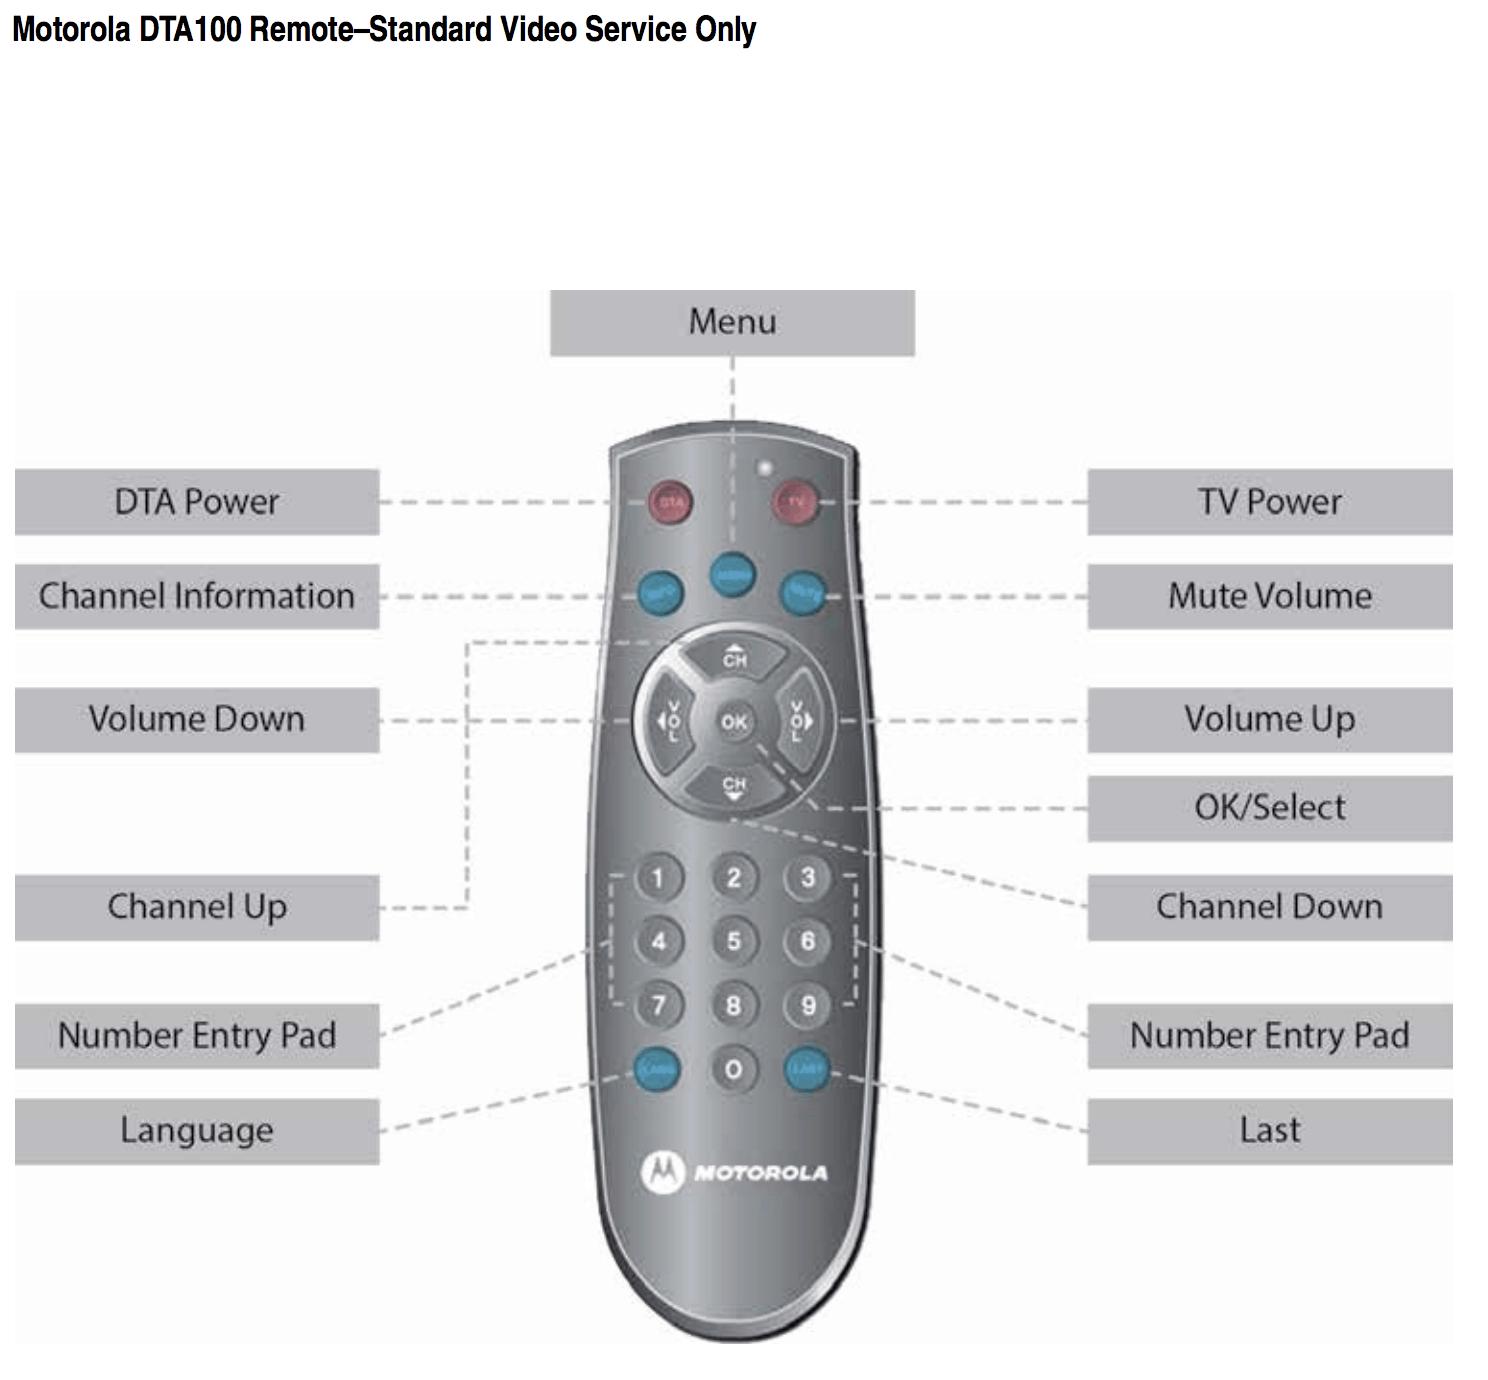 Motorola Dta100 Remote